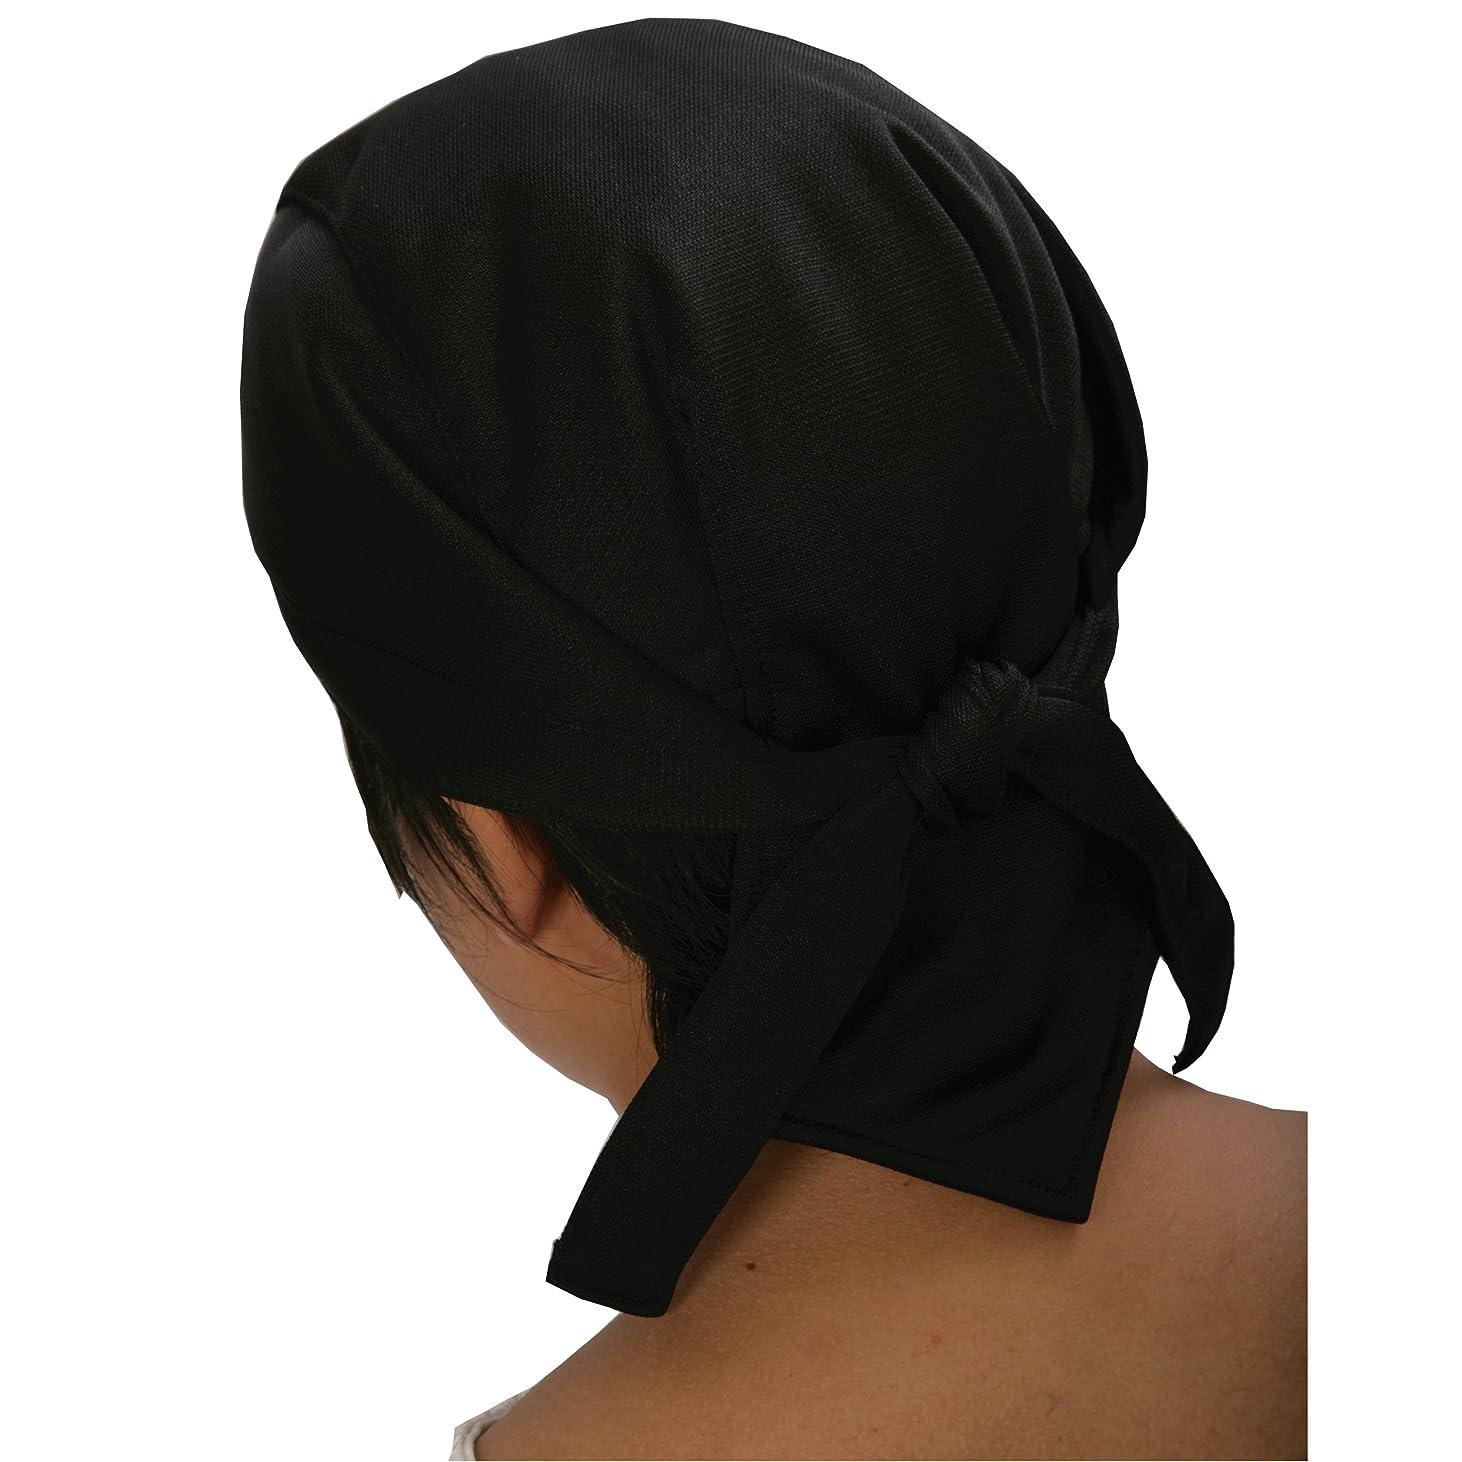 アダルトクッションきしむペンギンエース バンダナ型汗取り帽子 ヘッドアップ フリーサイズ